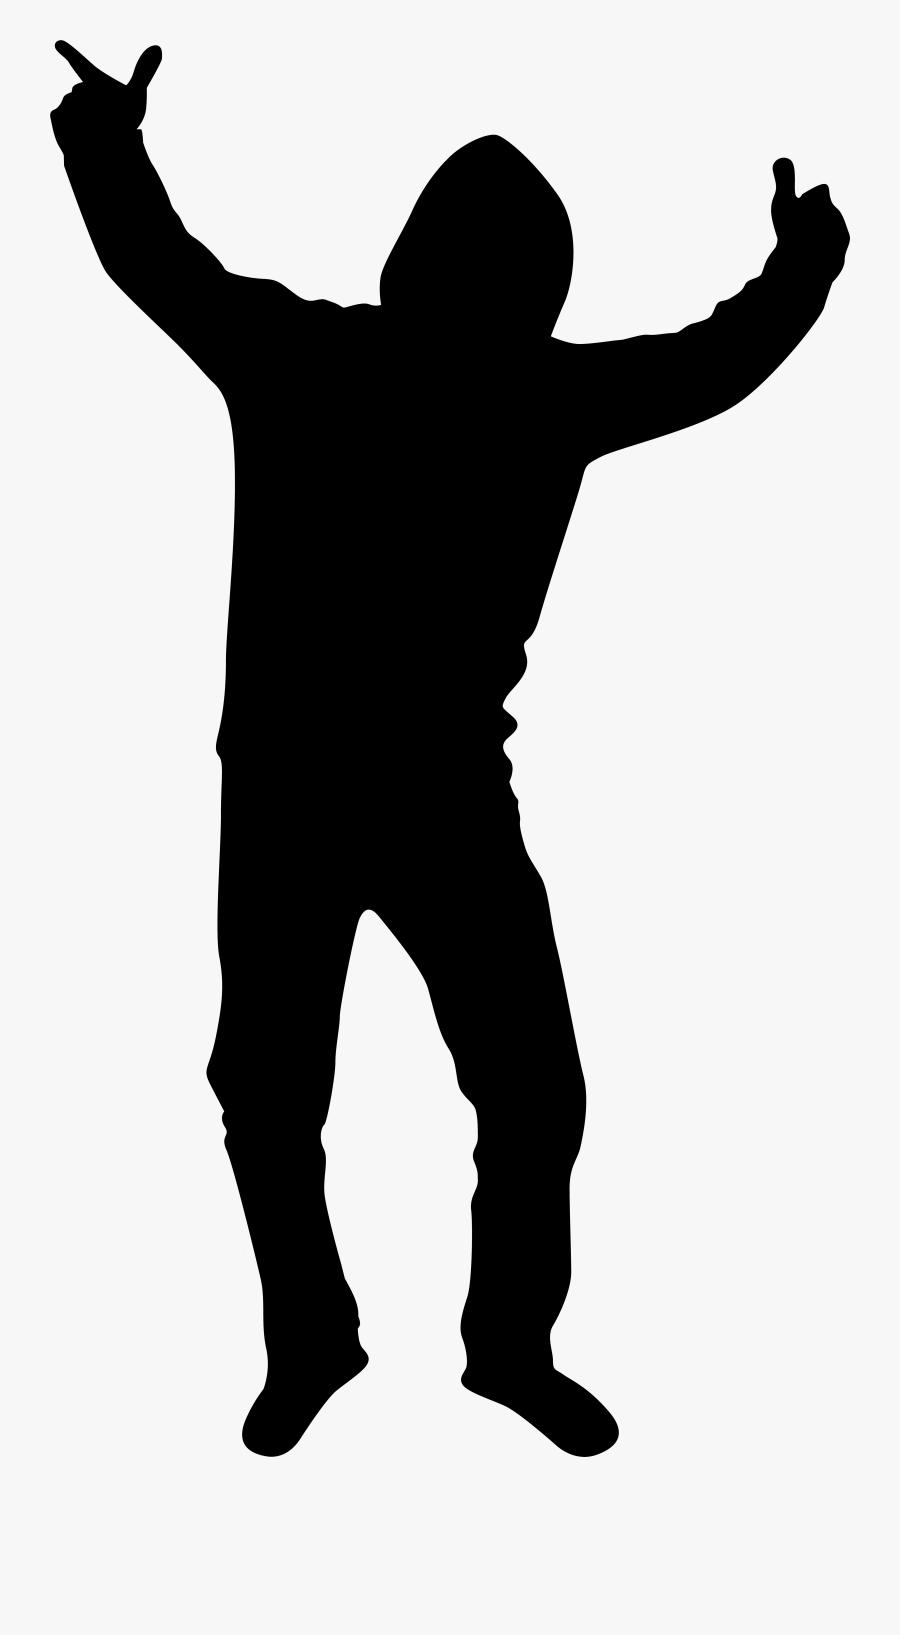 Transparent Dance Clip Art - Boy Silhouette Png, Transparent Clipart